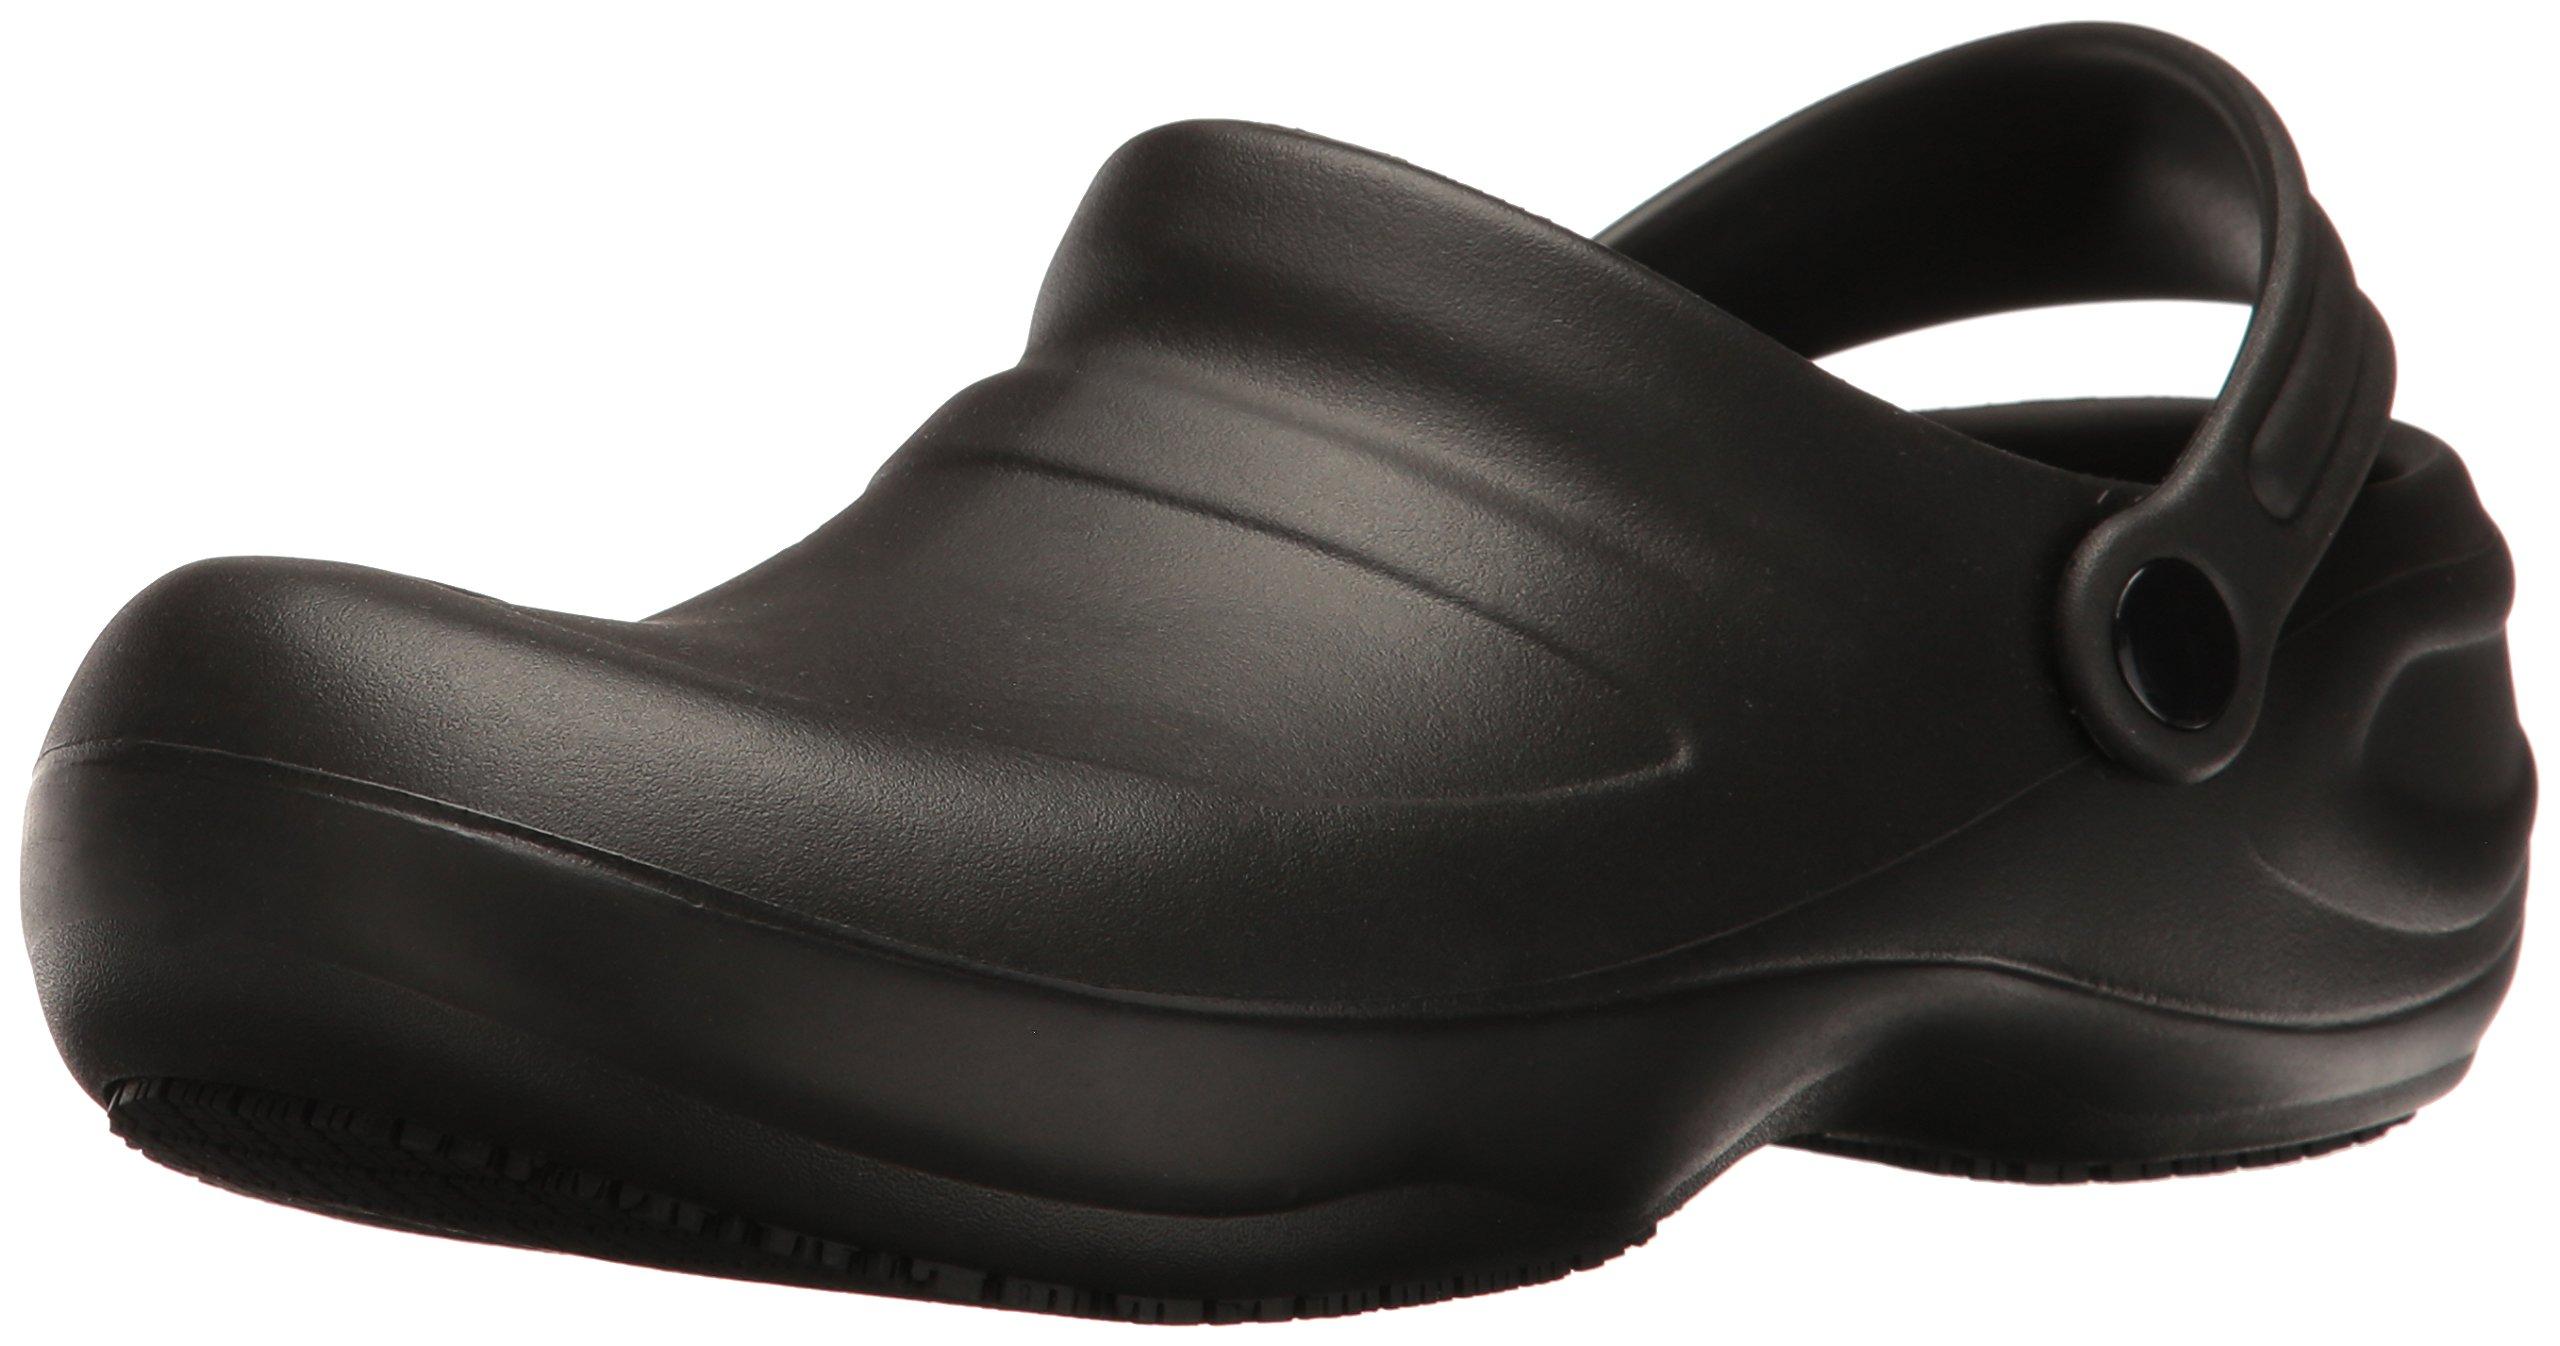 Dr. Scholl's Shoes Women's Success Health Care and Fd Service Shoe, Black, 9 M US